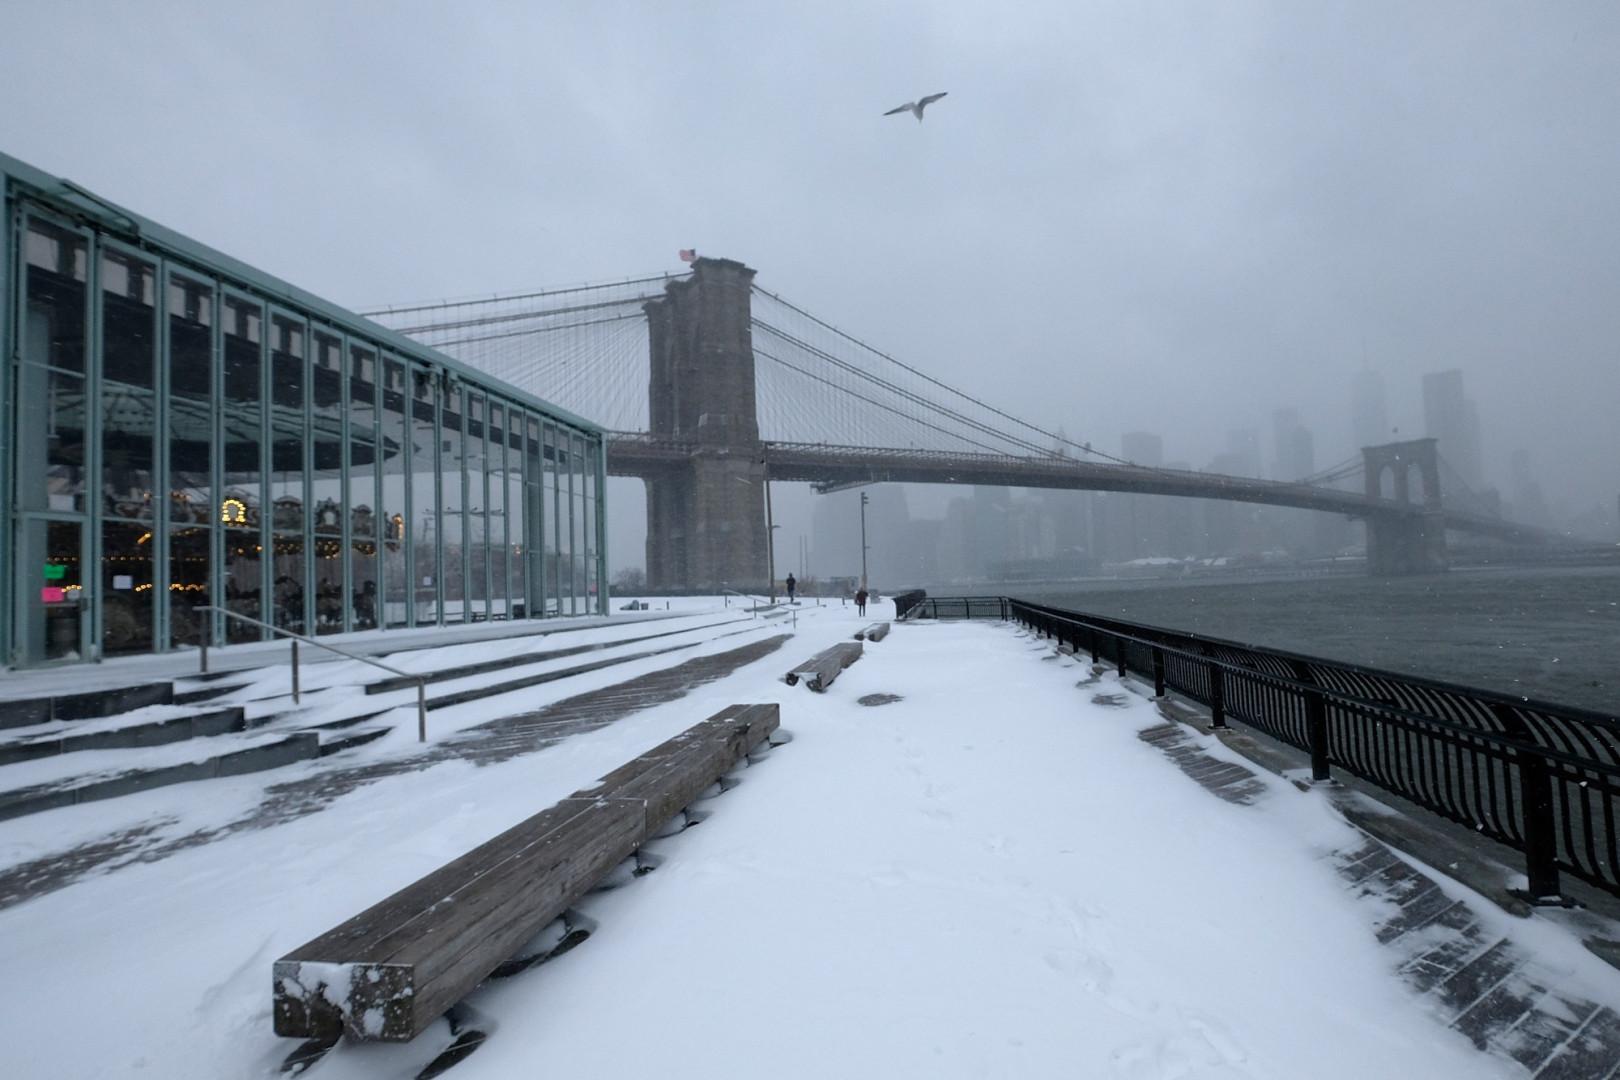 À New York, le pont de Brooklyn est entièrement sous la neige, comme le reste de la ville